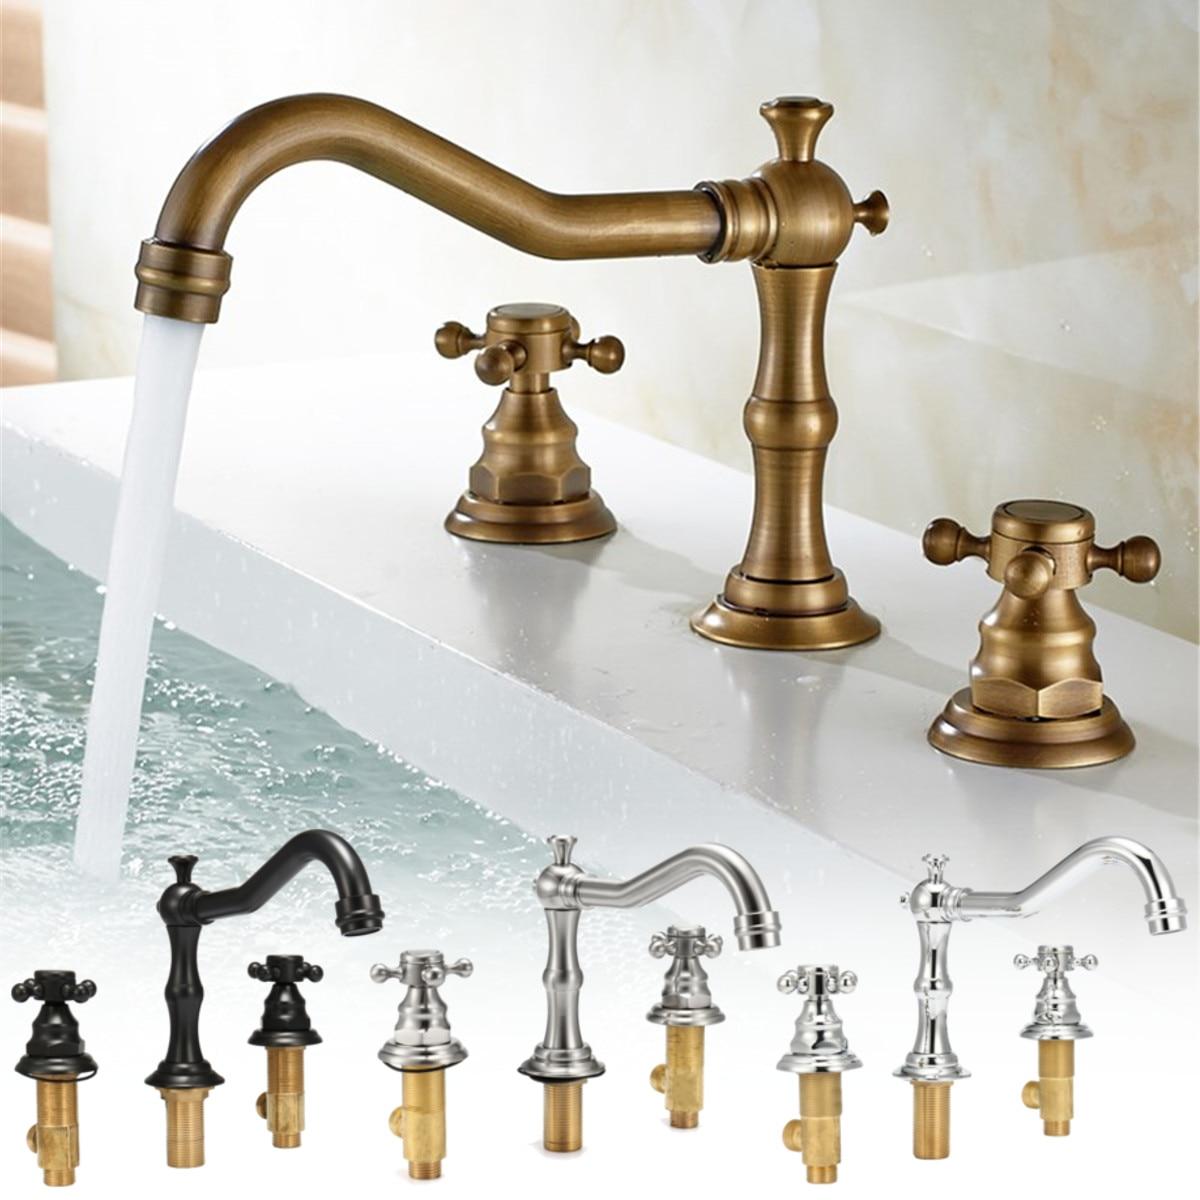 Antique 3 trous 2 bouton Double poignée contrôle robinet salle de bain baignoire bec bassin évier robinets chaud froid bain mélangeur eau robinet matériel